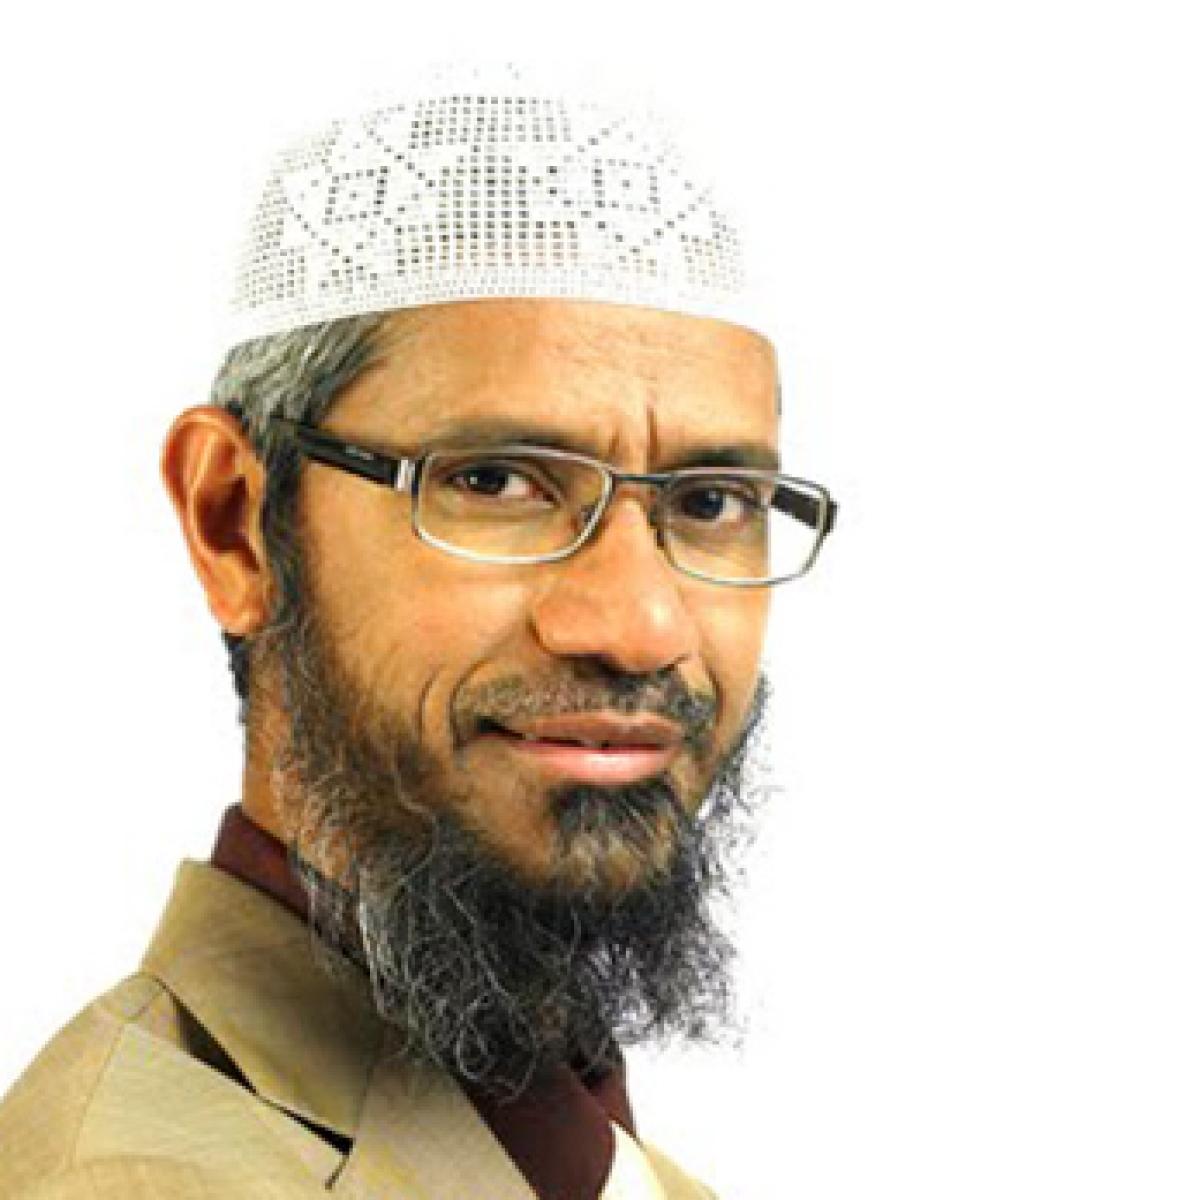 We want Zakir Naik back: India